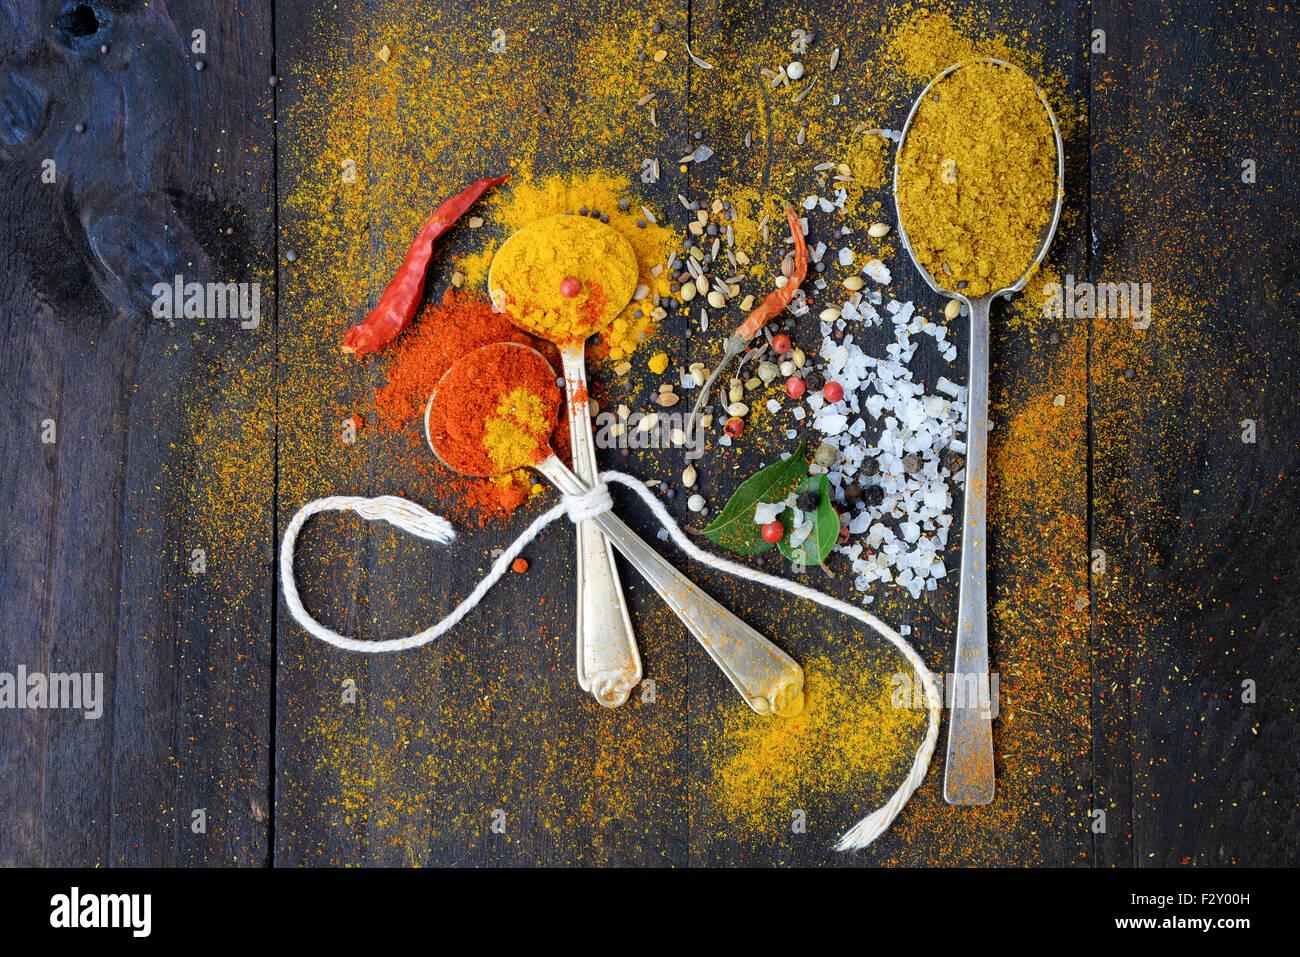 Arrière-plan de saine alimentation avec des herbes et épices sélection sur table en bois sombre. Photo Stock